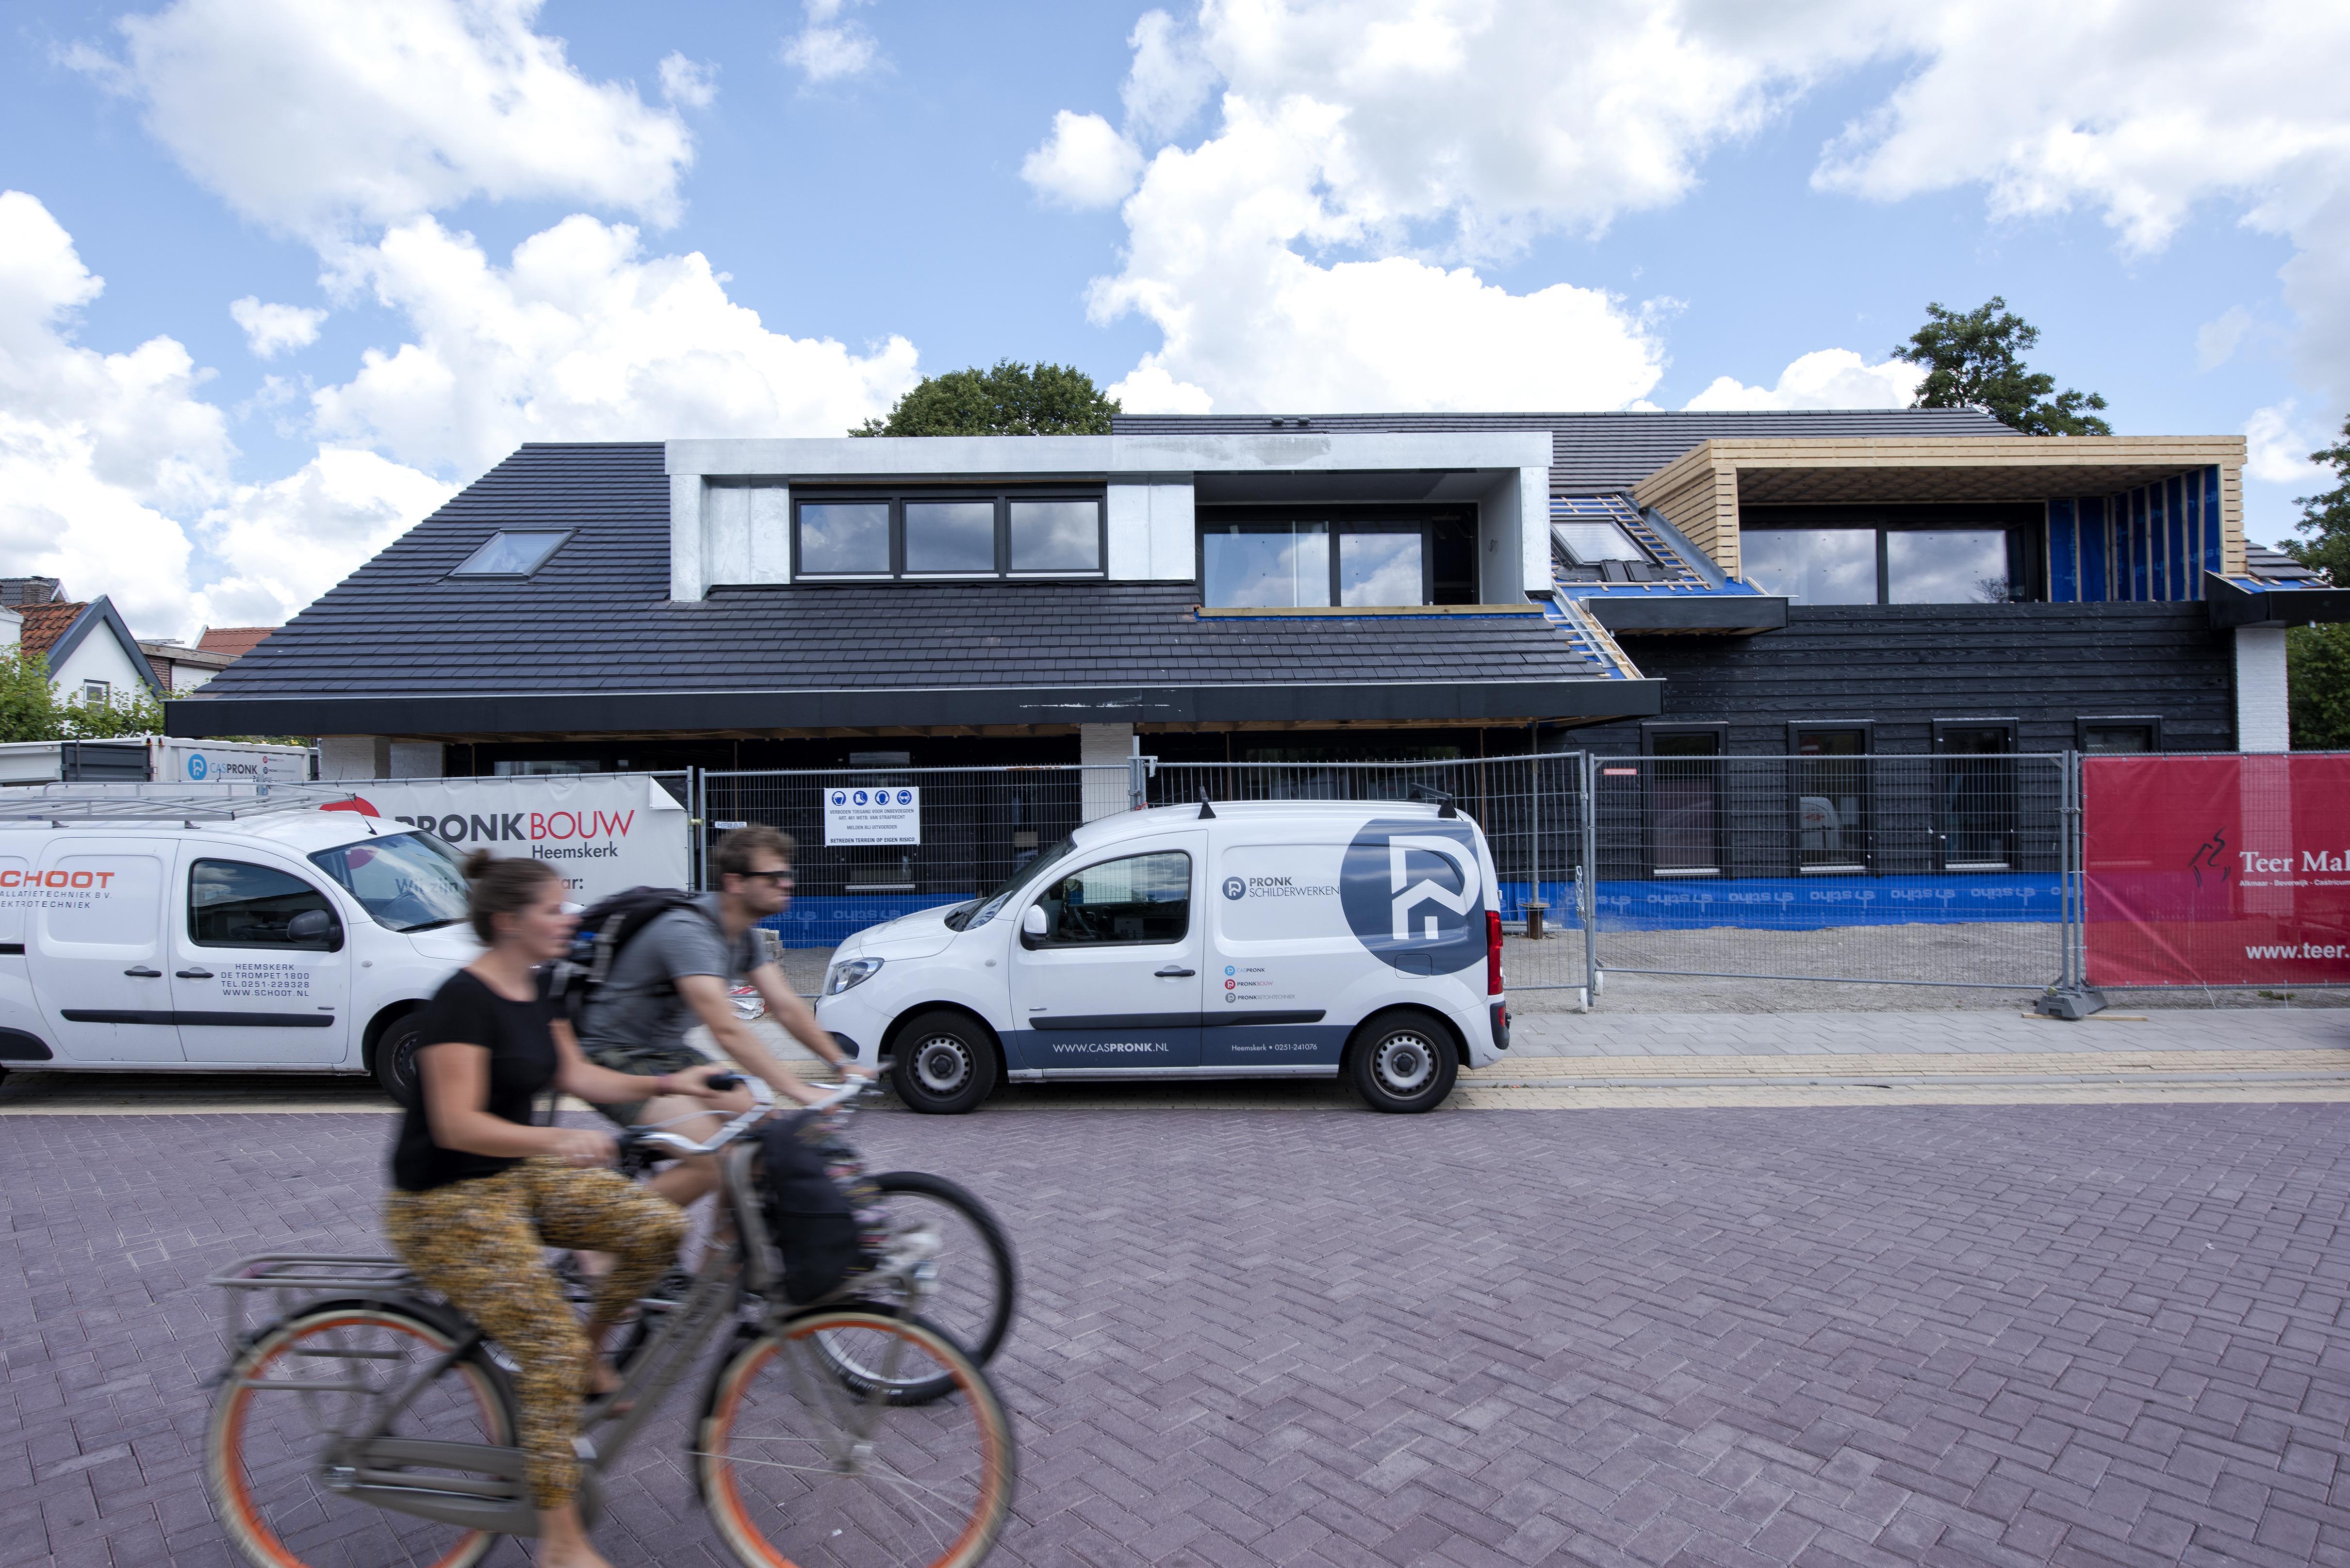 Wonen in vroegere garage Twaalfhoven is vooral voor Uitgeesters